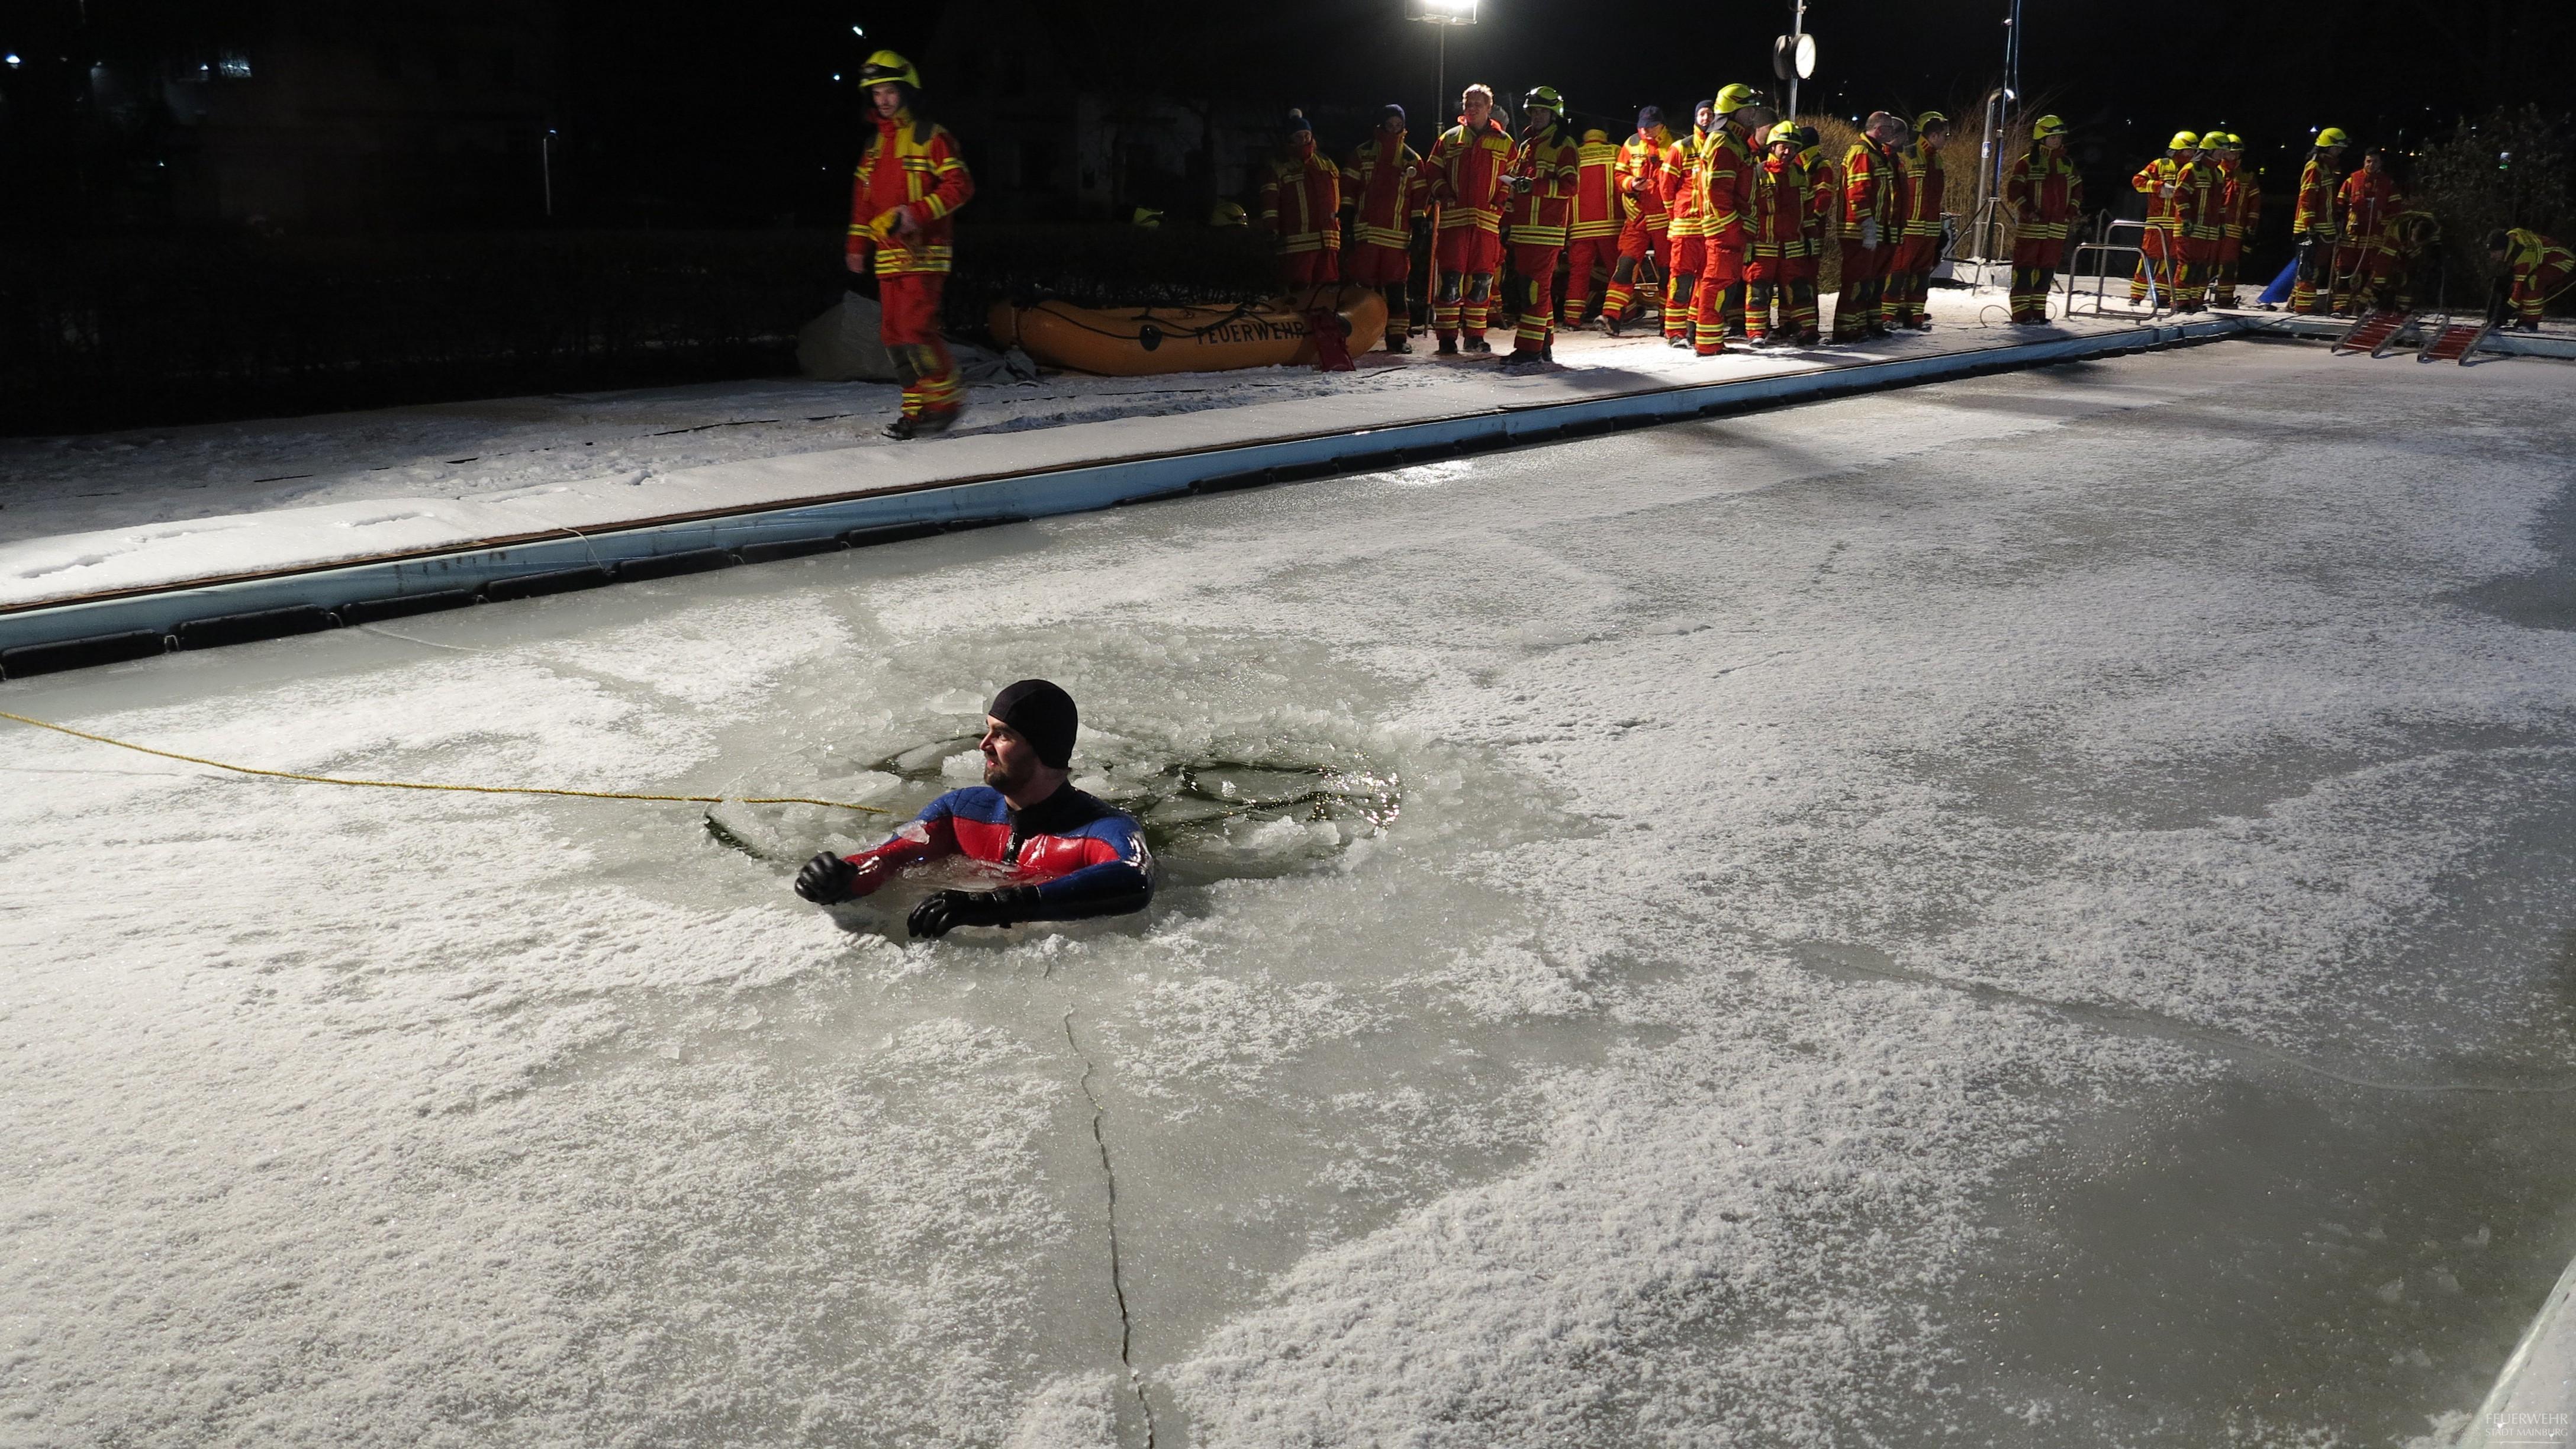 Hilflose Person im eiskalten Wasser.